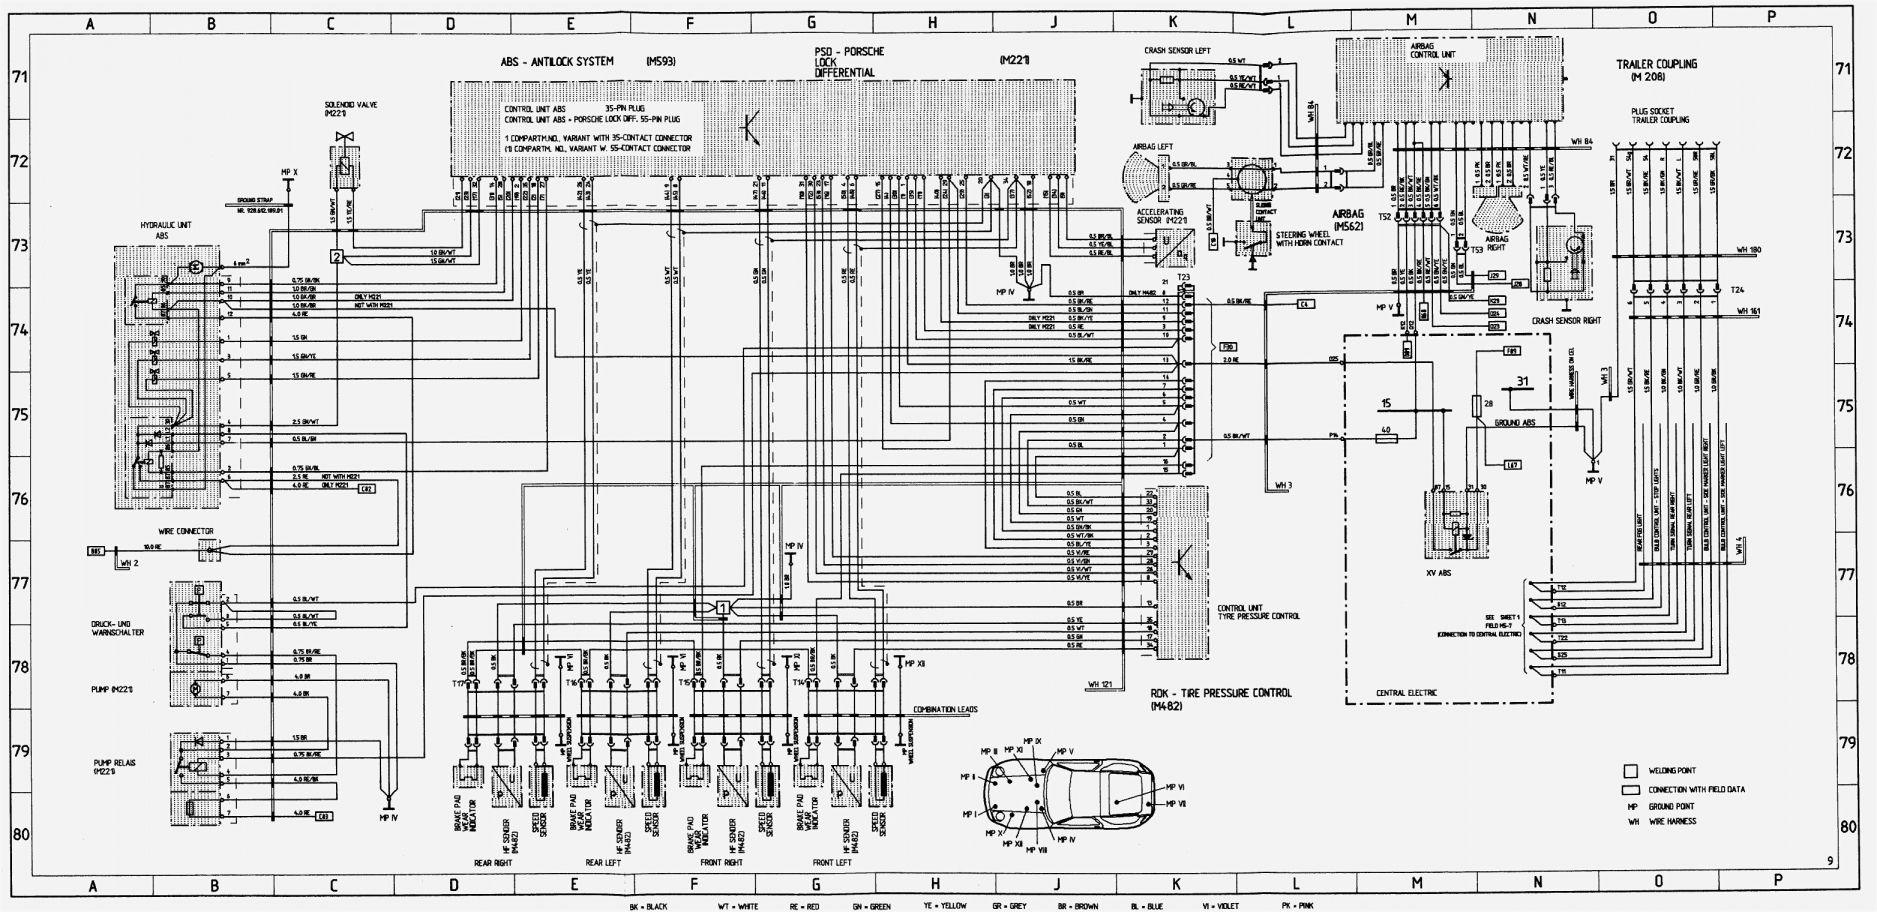 bmw wiring diagram system online bmw wiring diagrams e90 wiring diagrams dat  bmw wiring diagrams e90 wiring